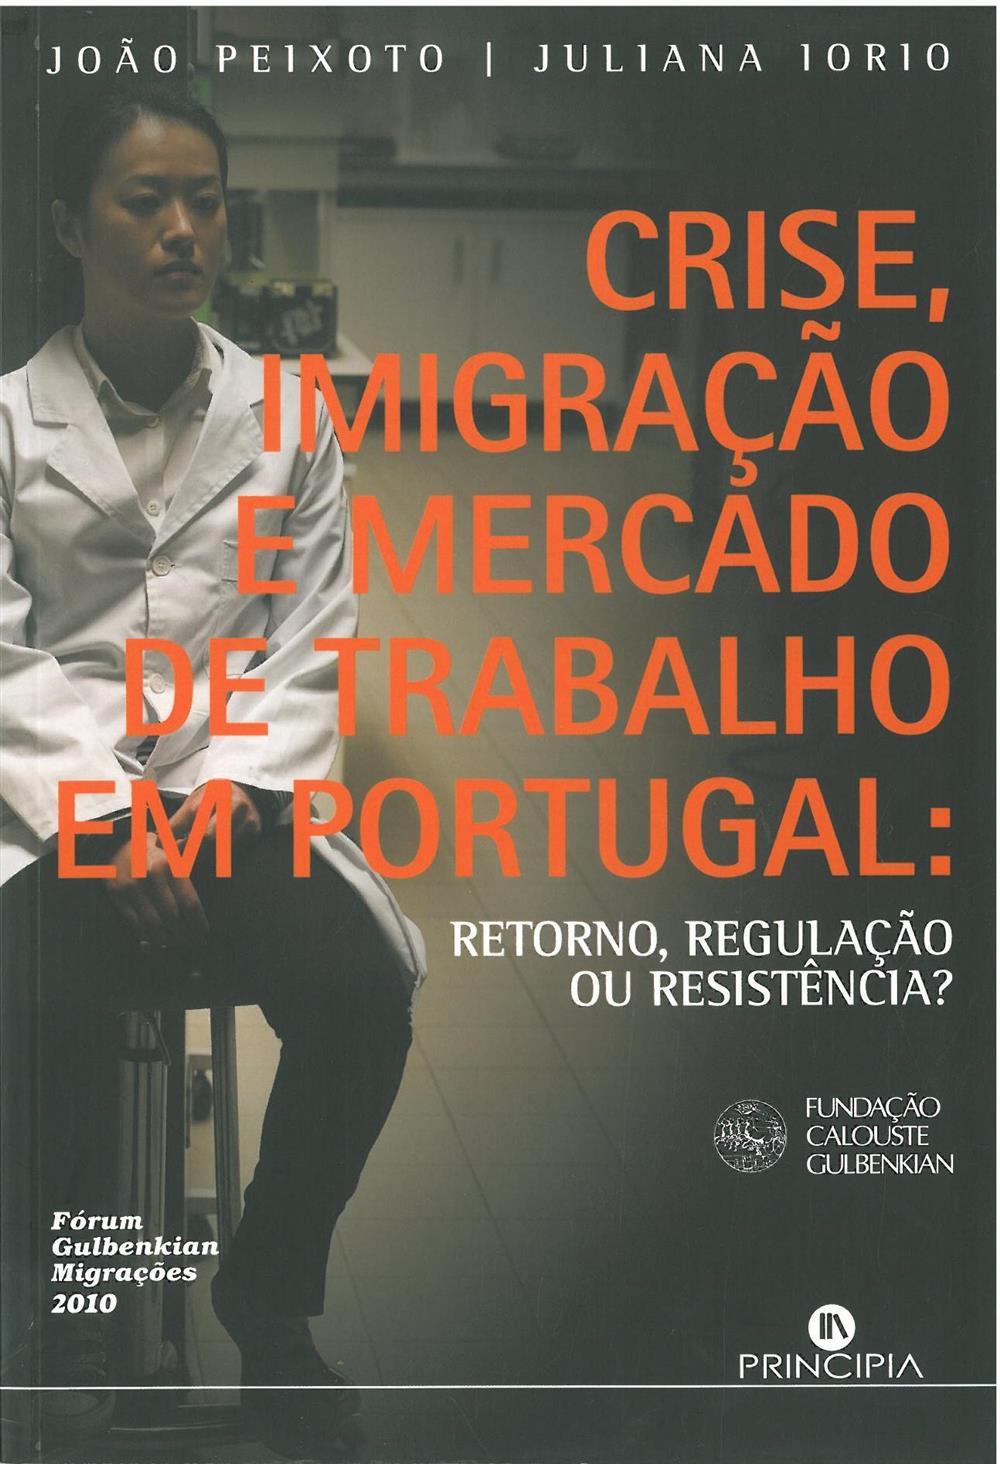 Crise, imigração e mercado de trabalho em Portugal_.jpg